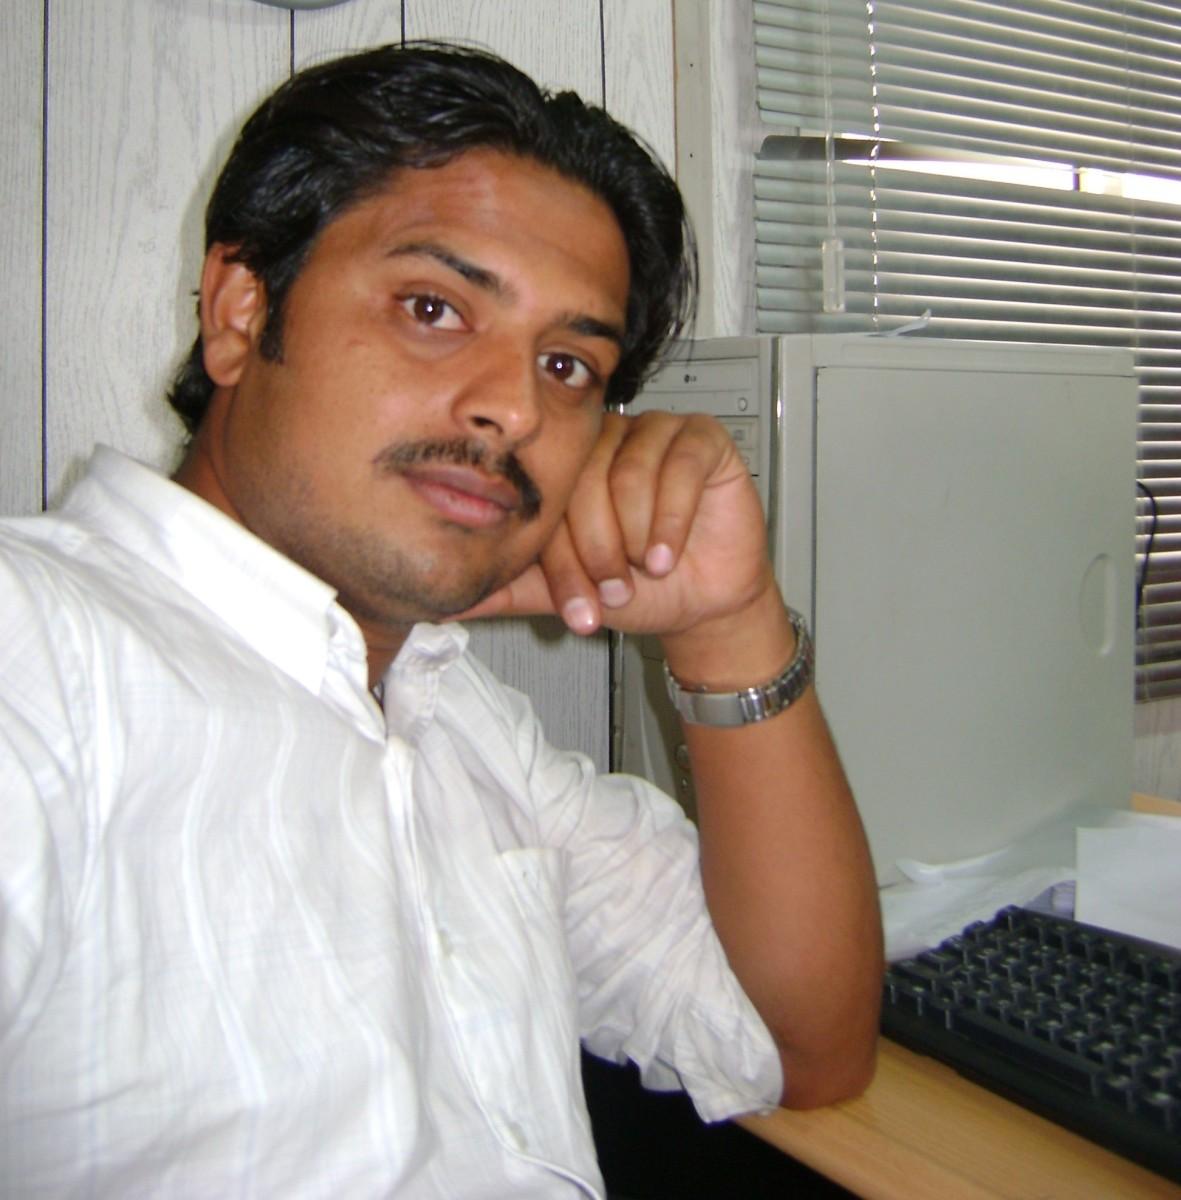 Nasir Mahamood